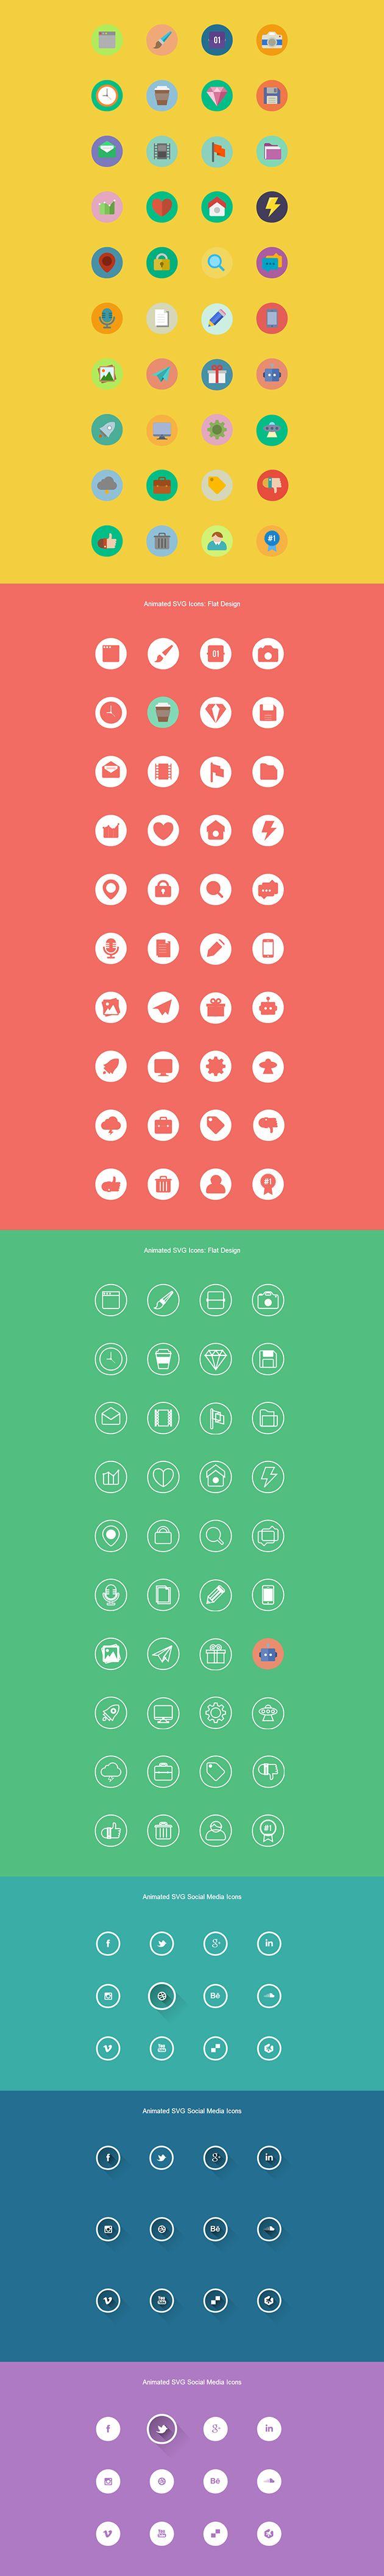 Создаем анимированные иконки с помощью SVG. Главные тенденции в веб-дизайне 2014 года